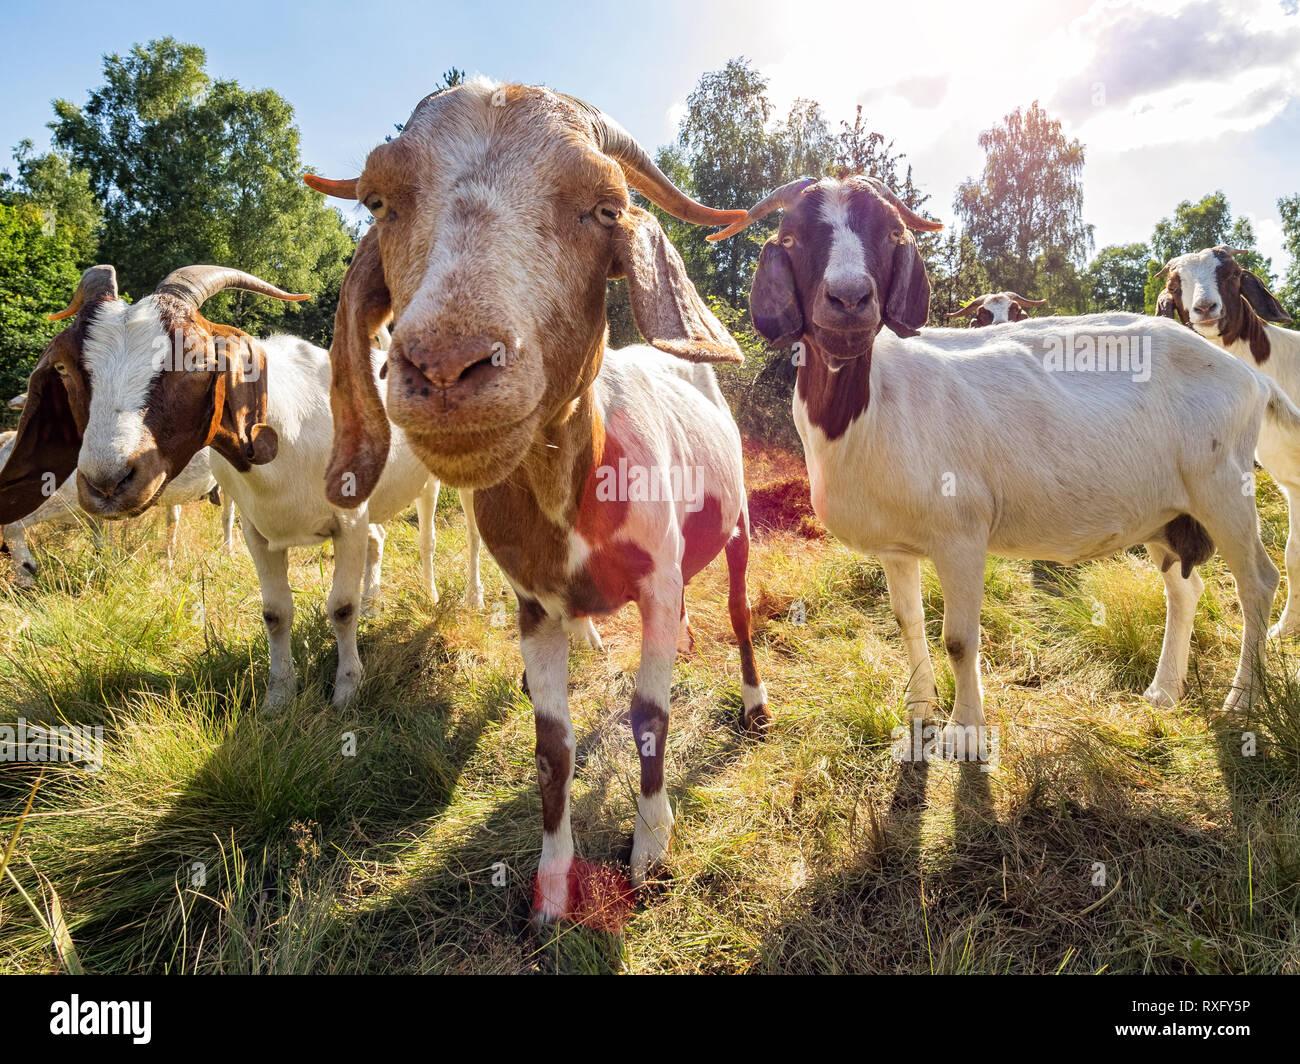 Nahaufnahme einer Ziege und Ziegen im Hintergrund - Stock Image